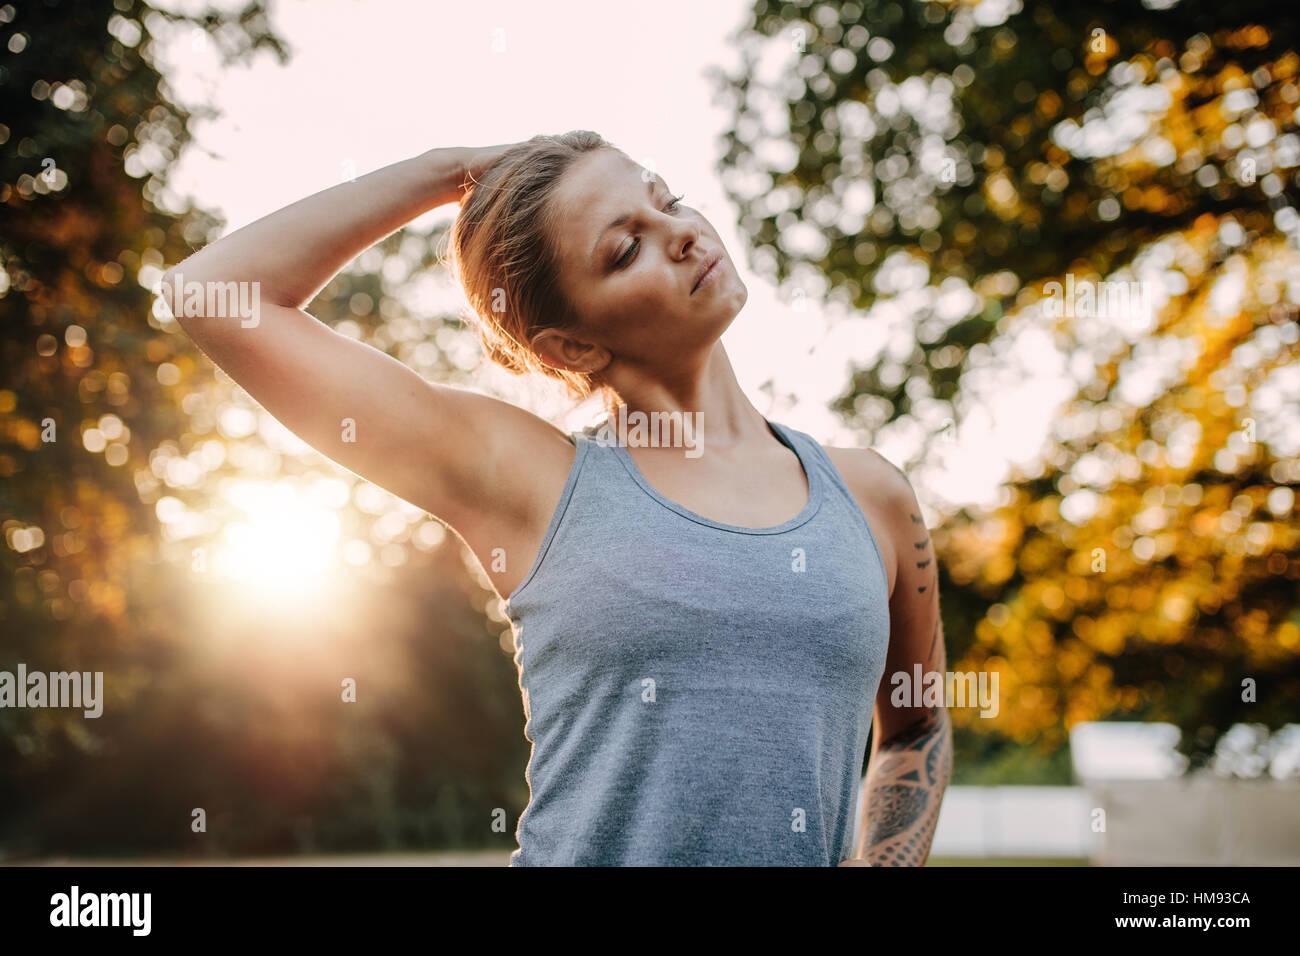 Ritratto di sano giovane donna stretching collo all'esterno. Caucasica modello di fitness in fase di riscaldamento Immagini Stock